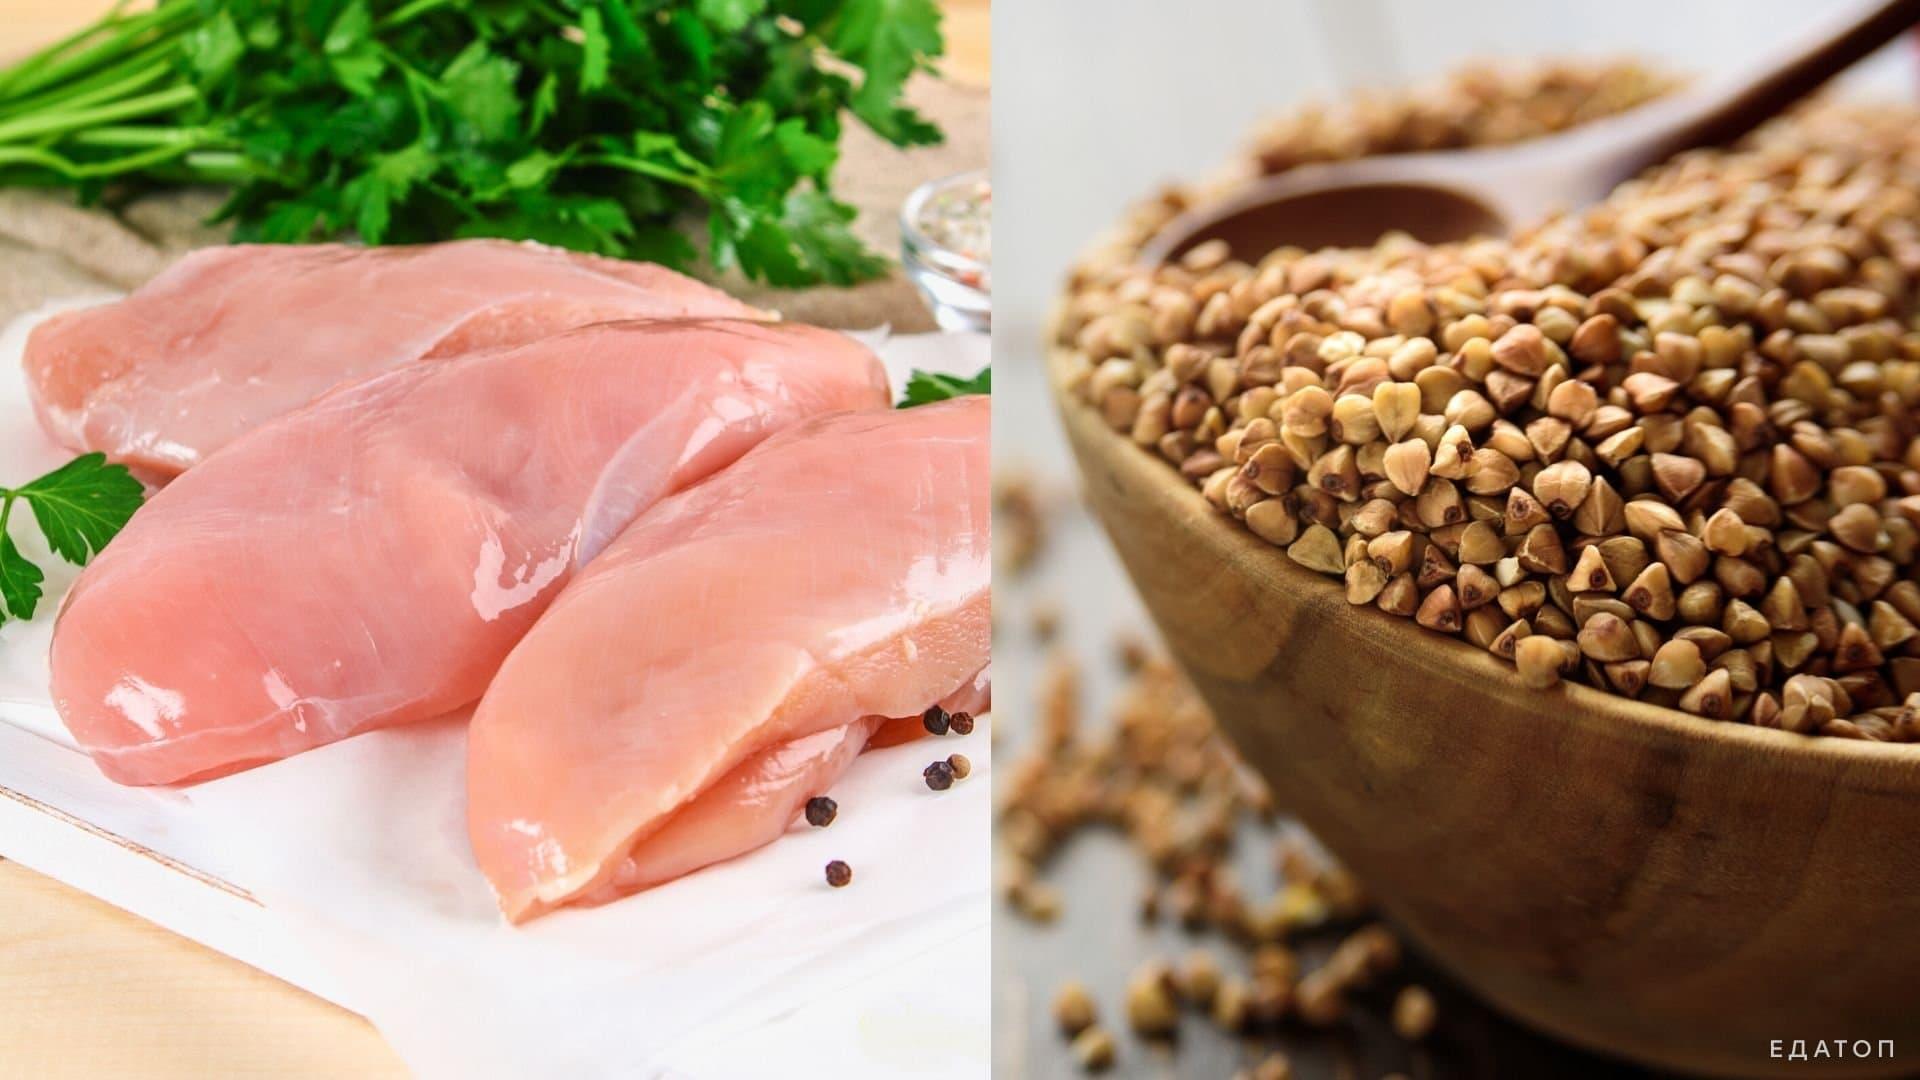 После проведения операции гречневую кашу и куриное филе на пару разрешено включить в рацион.